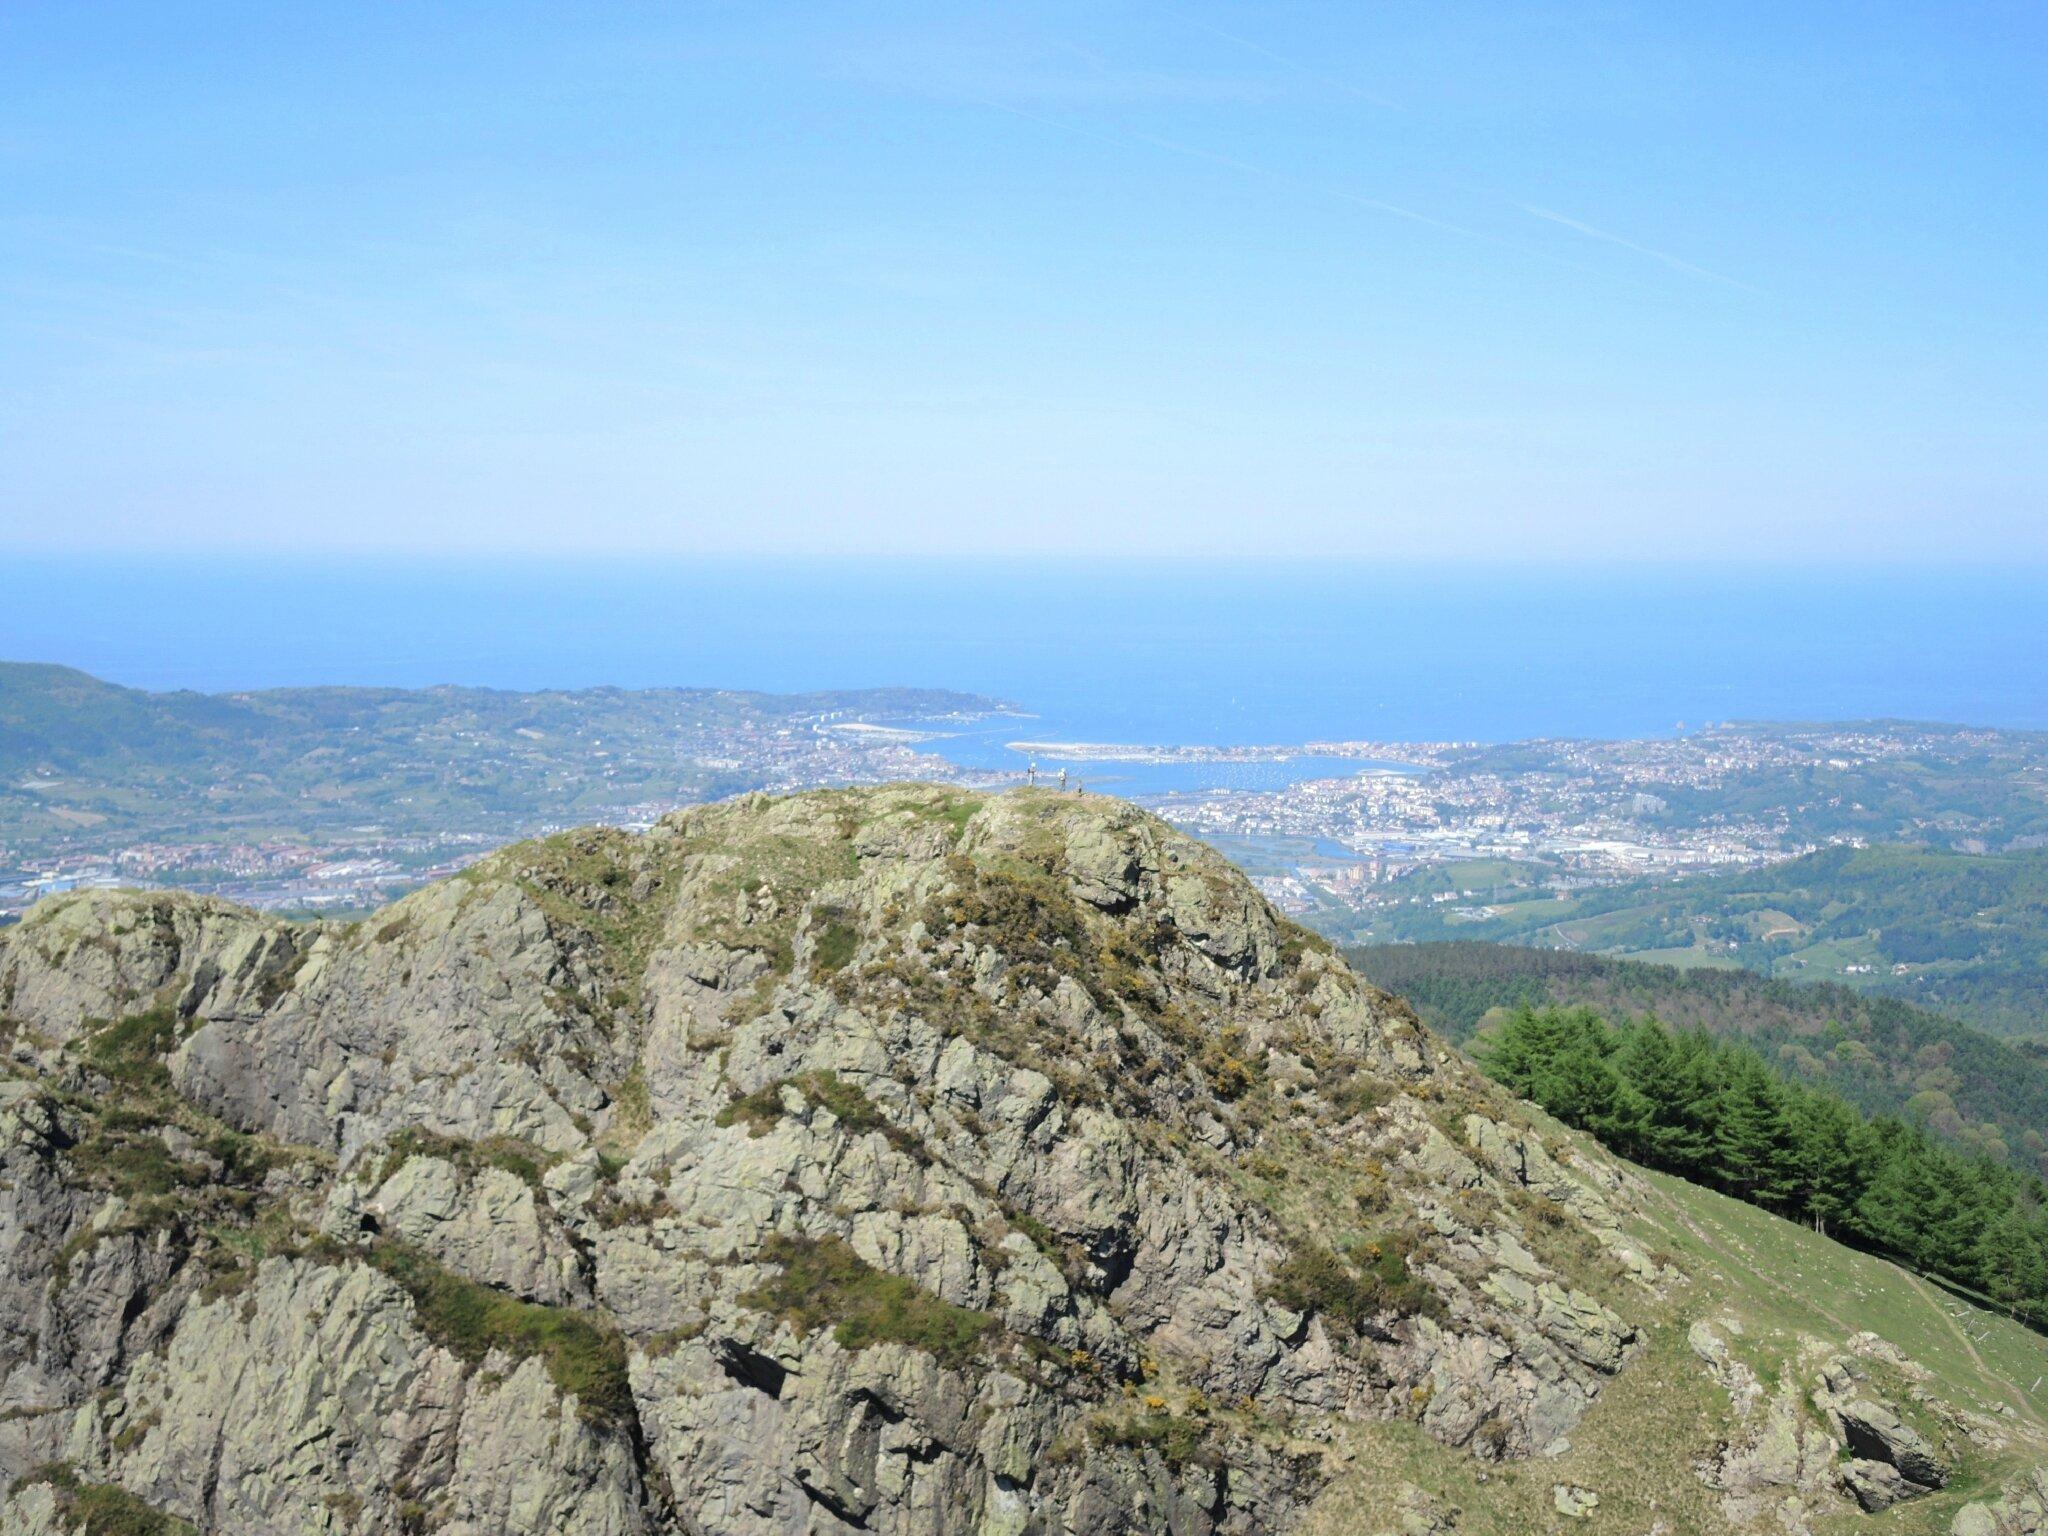 Les Trois Couronnes, Txurrumurru, sommet, vue sur Irumugarrieta, ,Hendaye, Fontarrabia (Espagne)